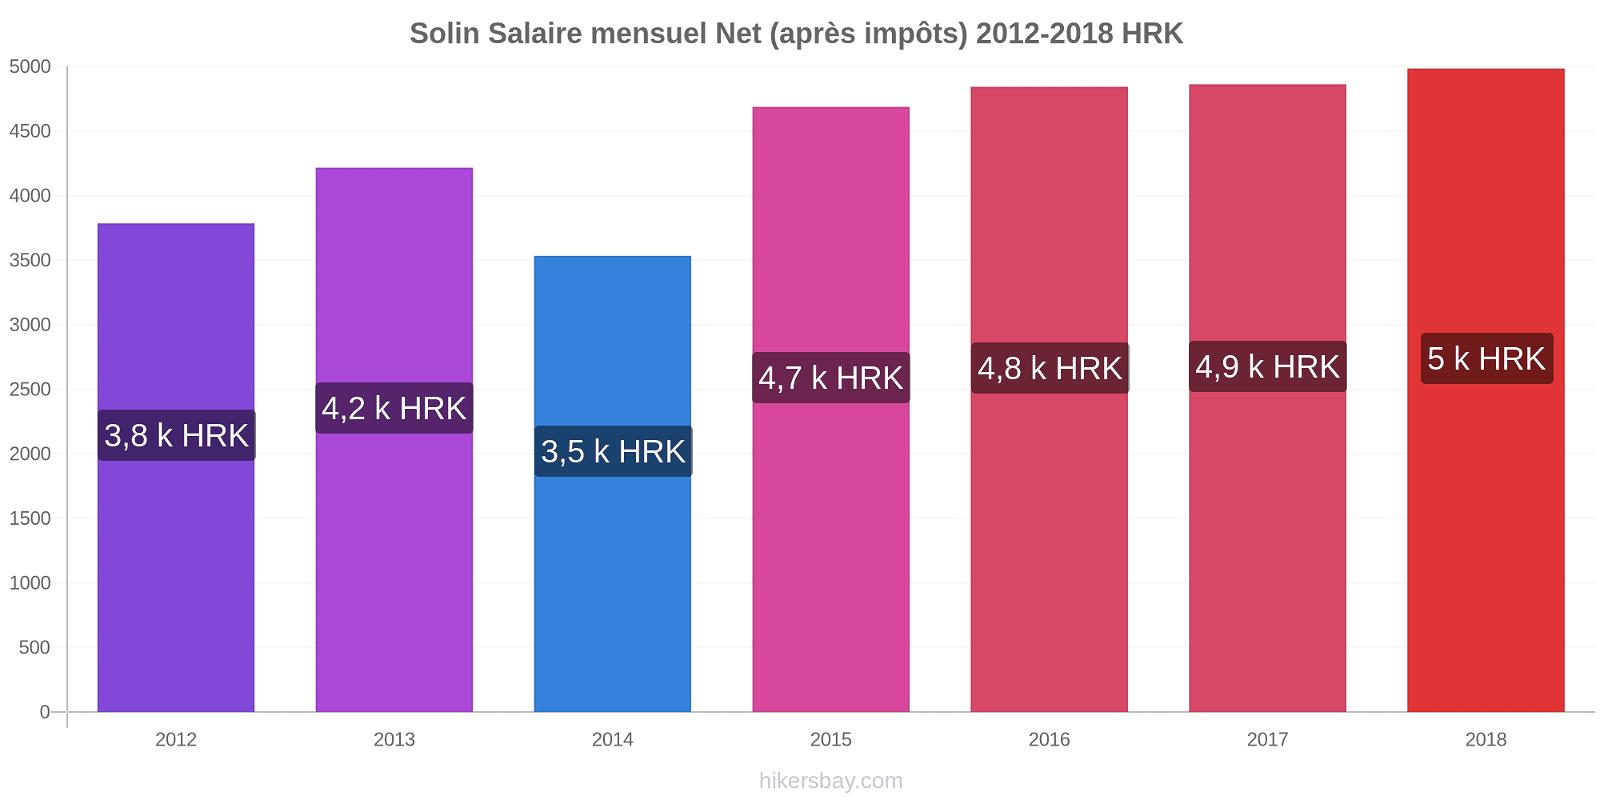 Solin changements de prix Salaire mensuel Net (après impôts) hikersbay.com